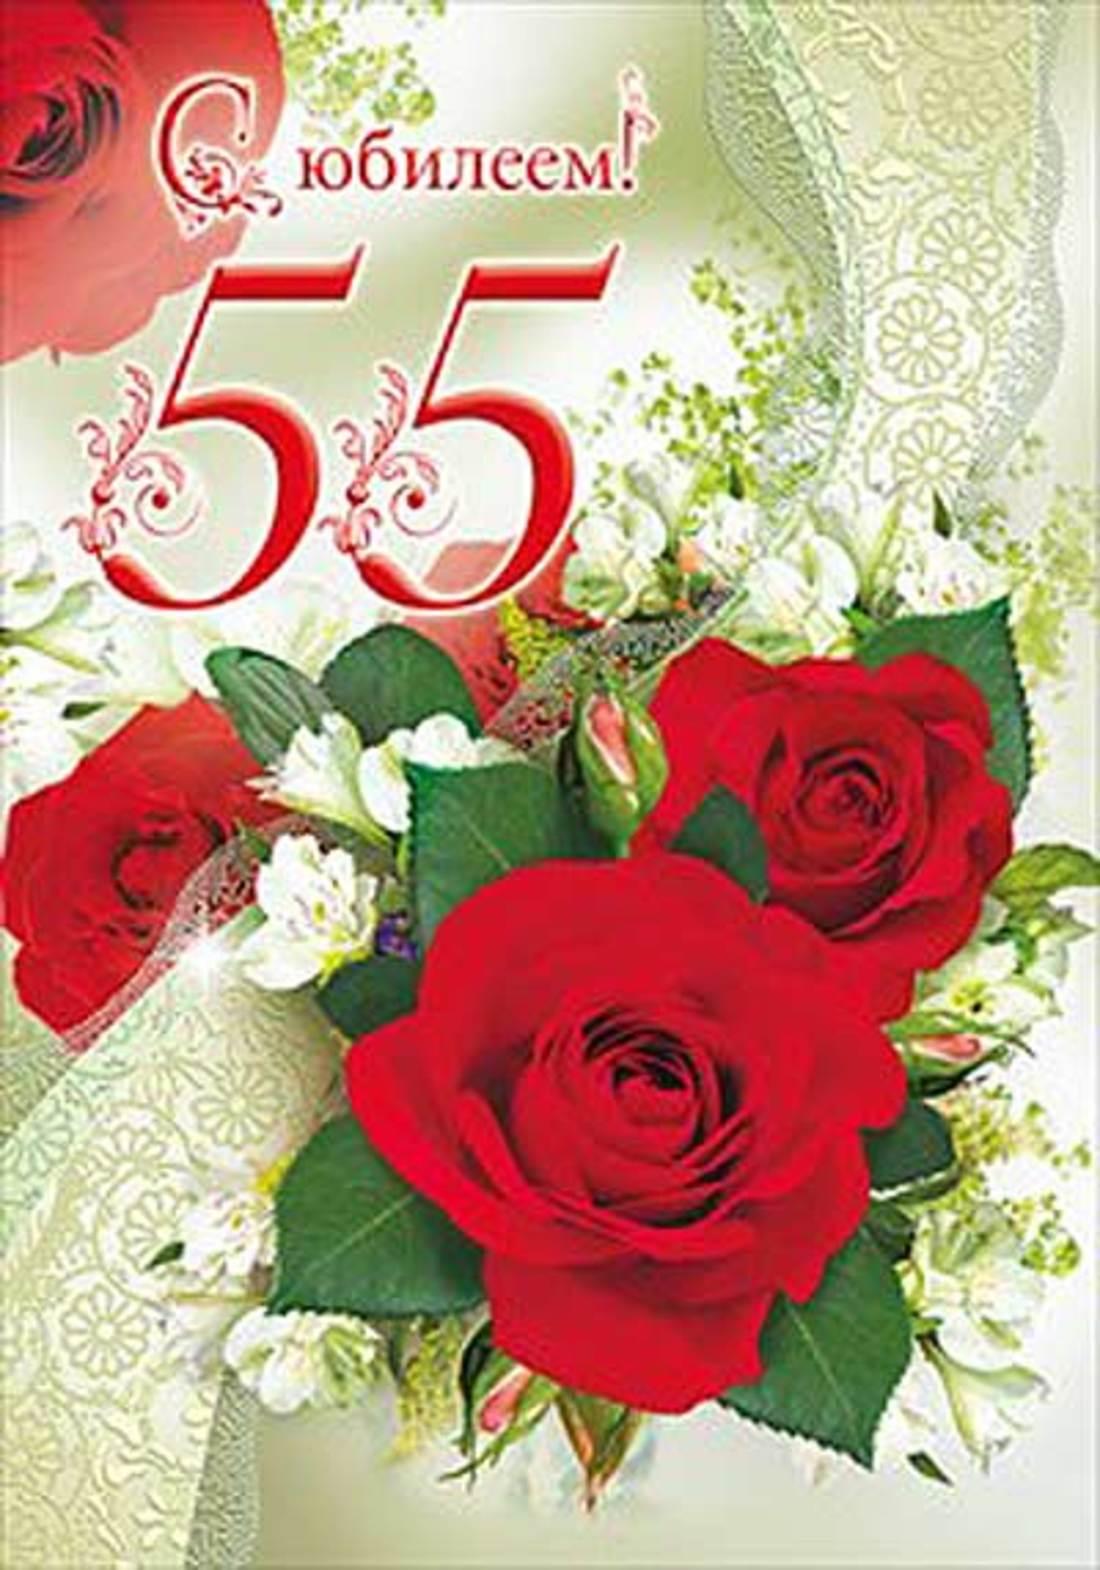 Открытки 55 лет